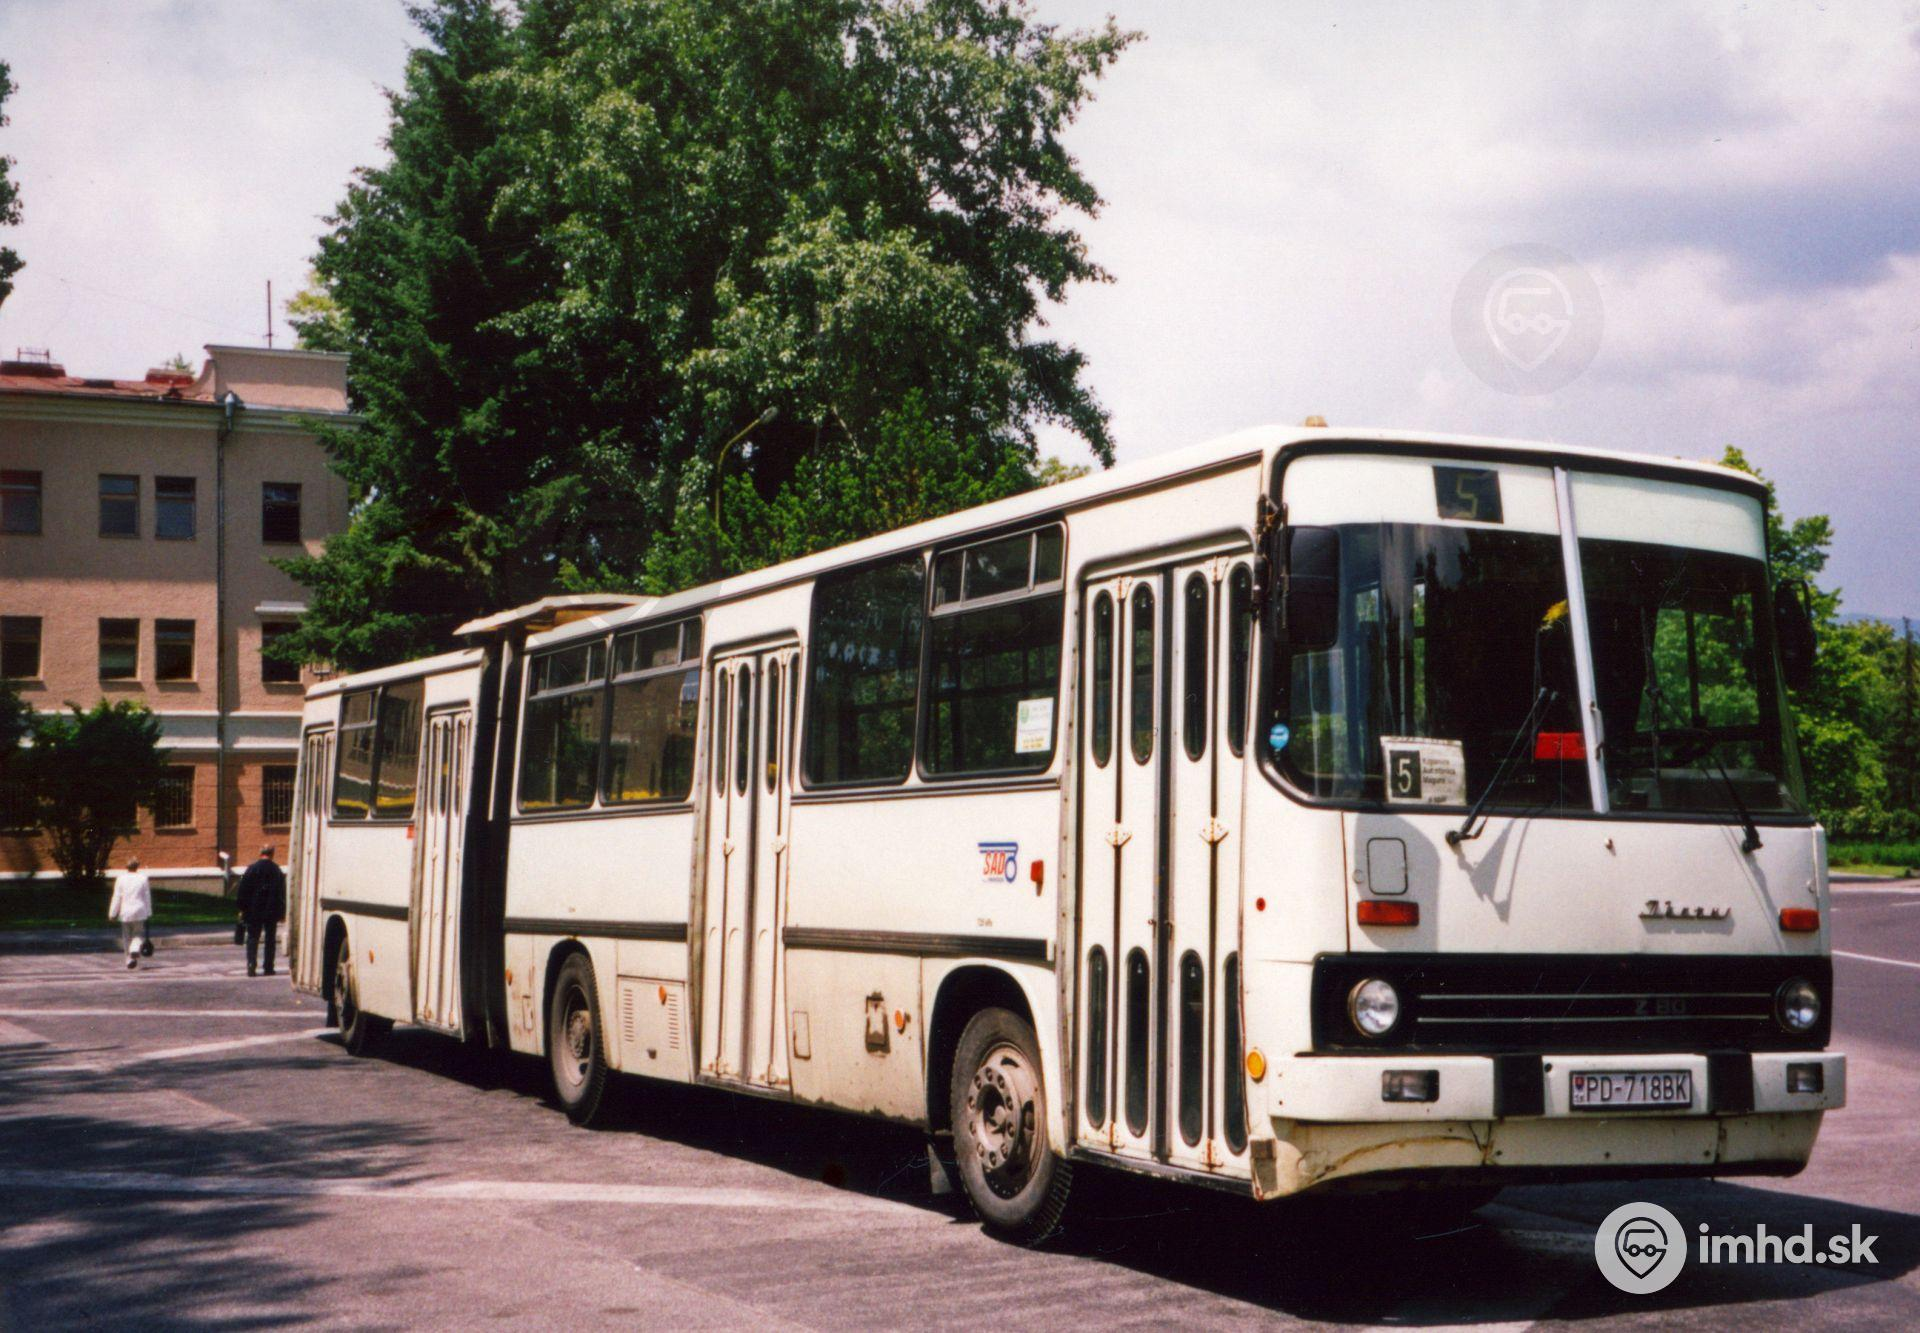 Ikarus 280 Pd 718bk Prievidza